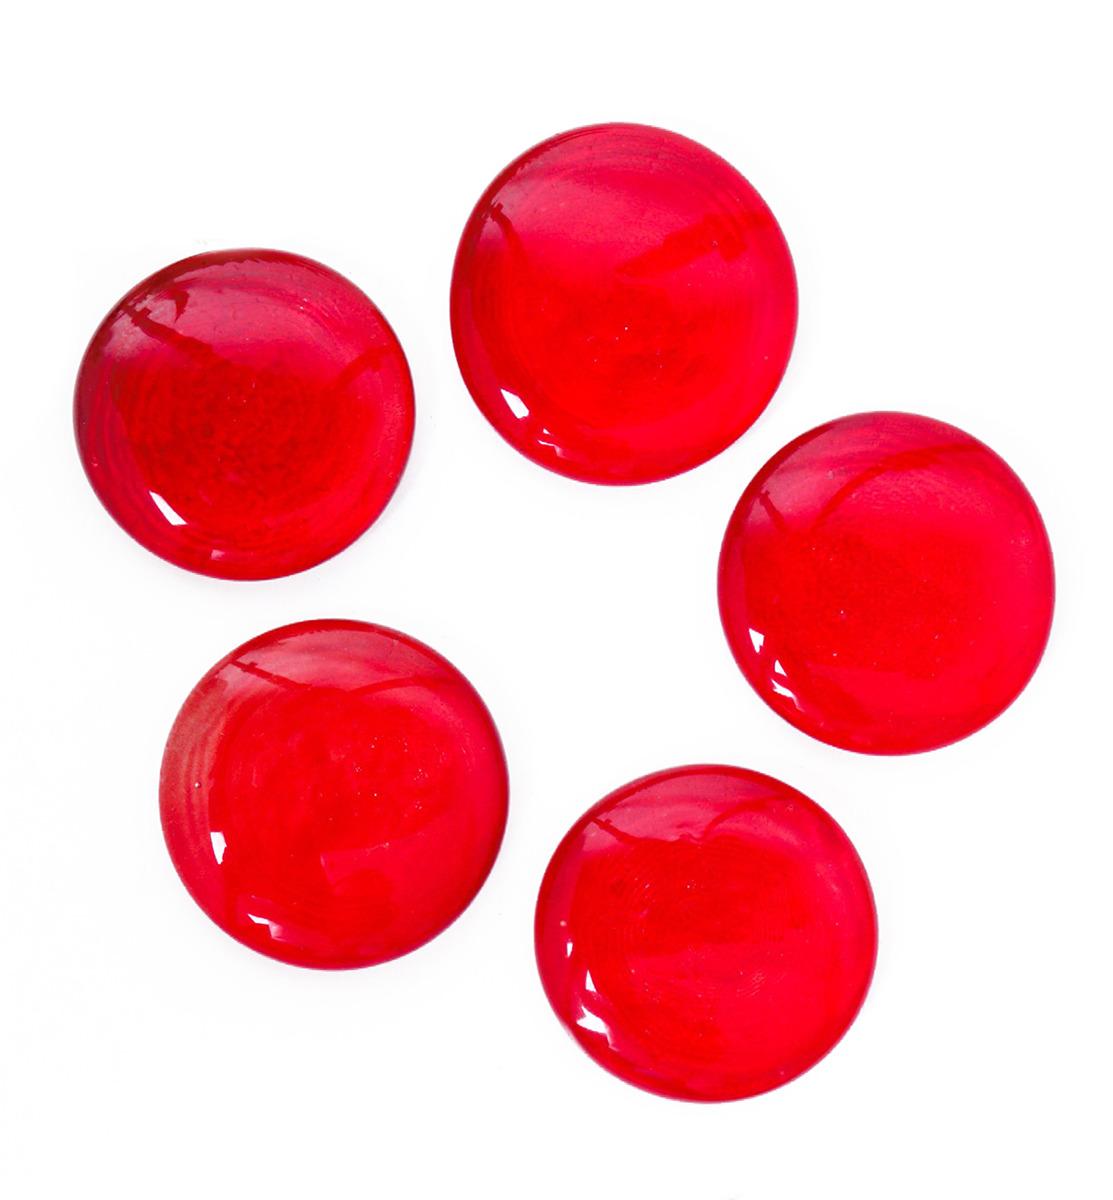 Декоративный наполнитель Evis Эльвинги, мелкие, 4048629, красный, 20 шт стоимость